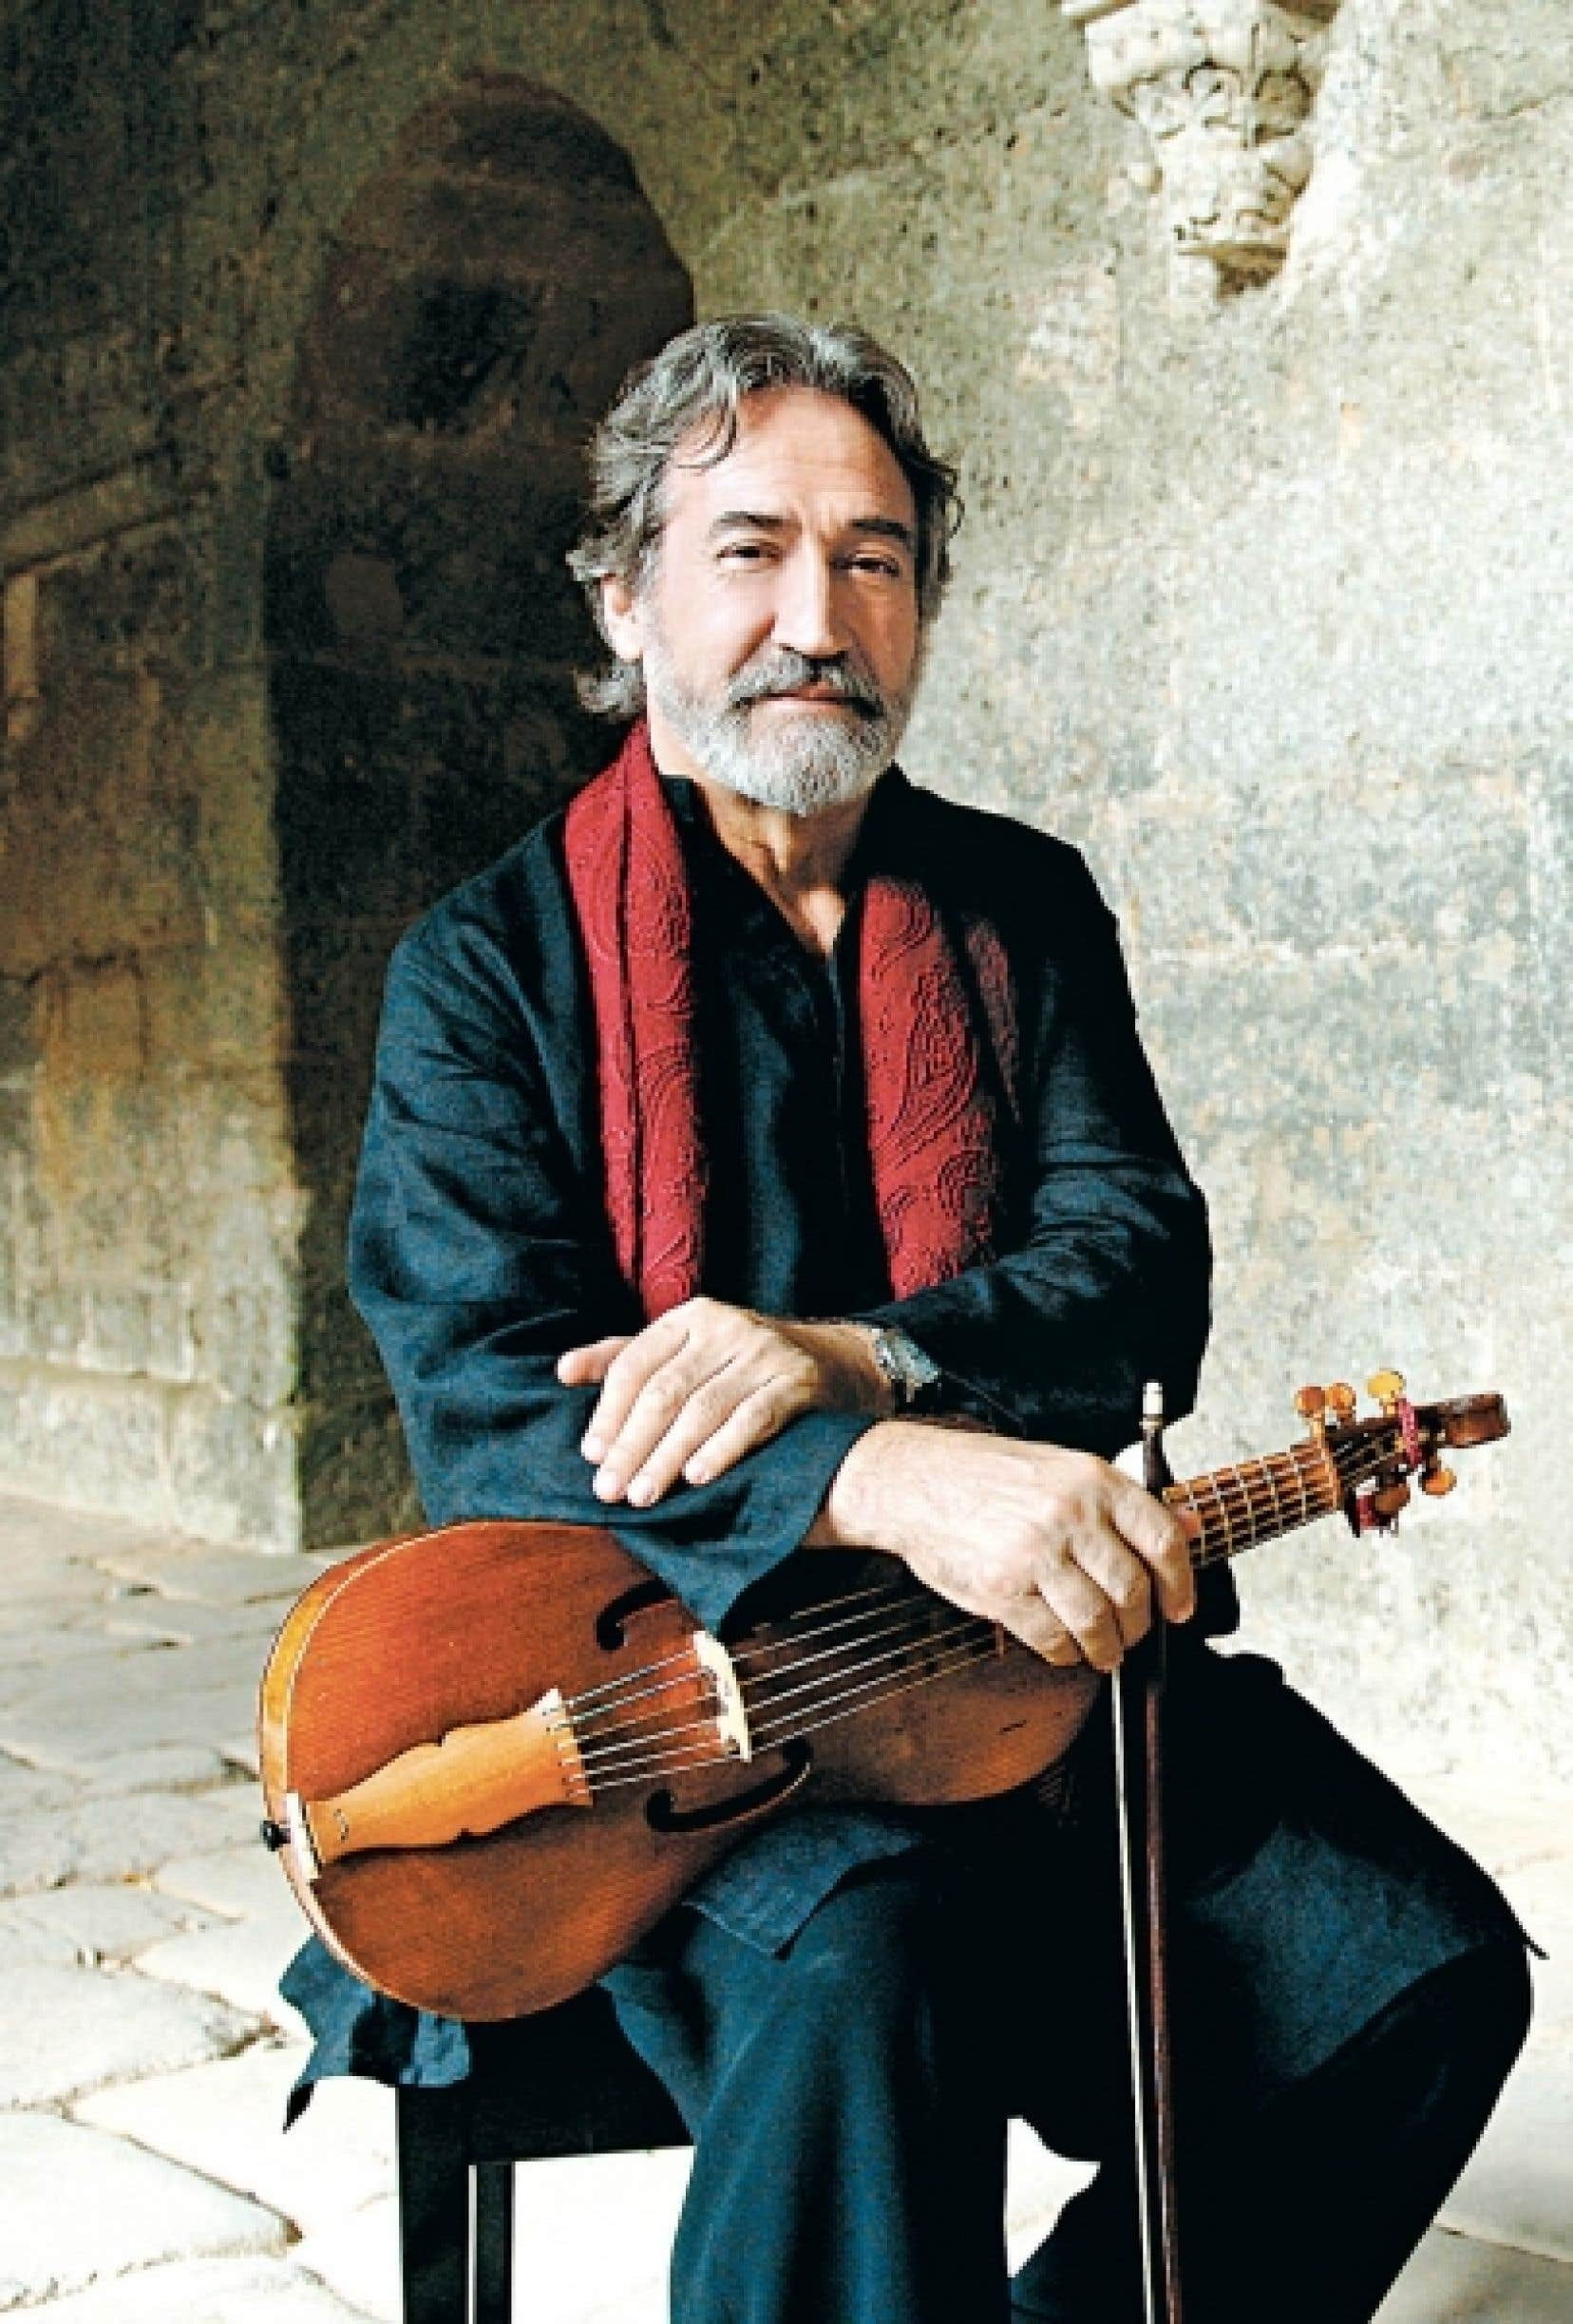 Le métier de musicien confère une responsabilité particulière, estime Jordi Savall, le grand interprète de la musique dite savante.